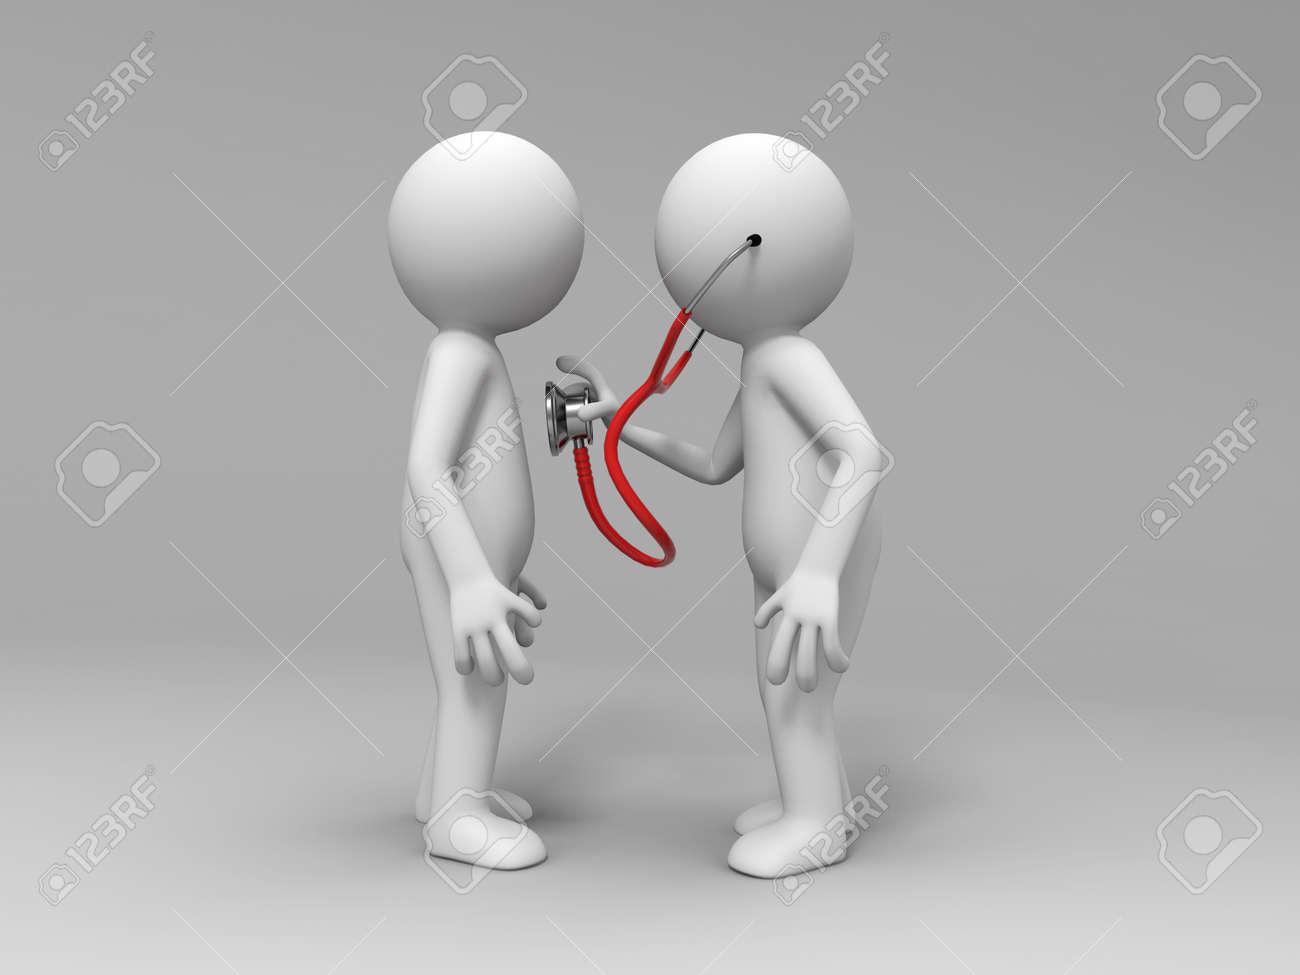 Un homme de consulter un médecin Banque d'images - 15390320